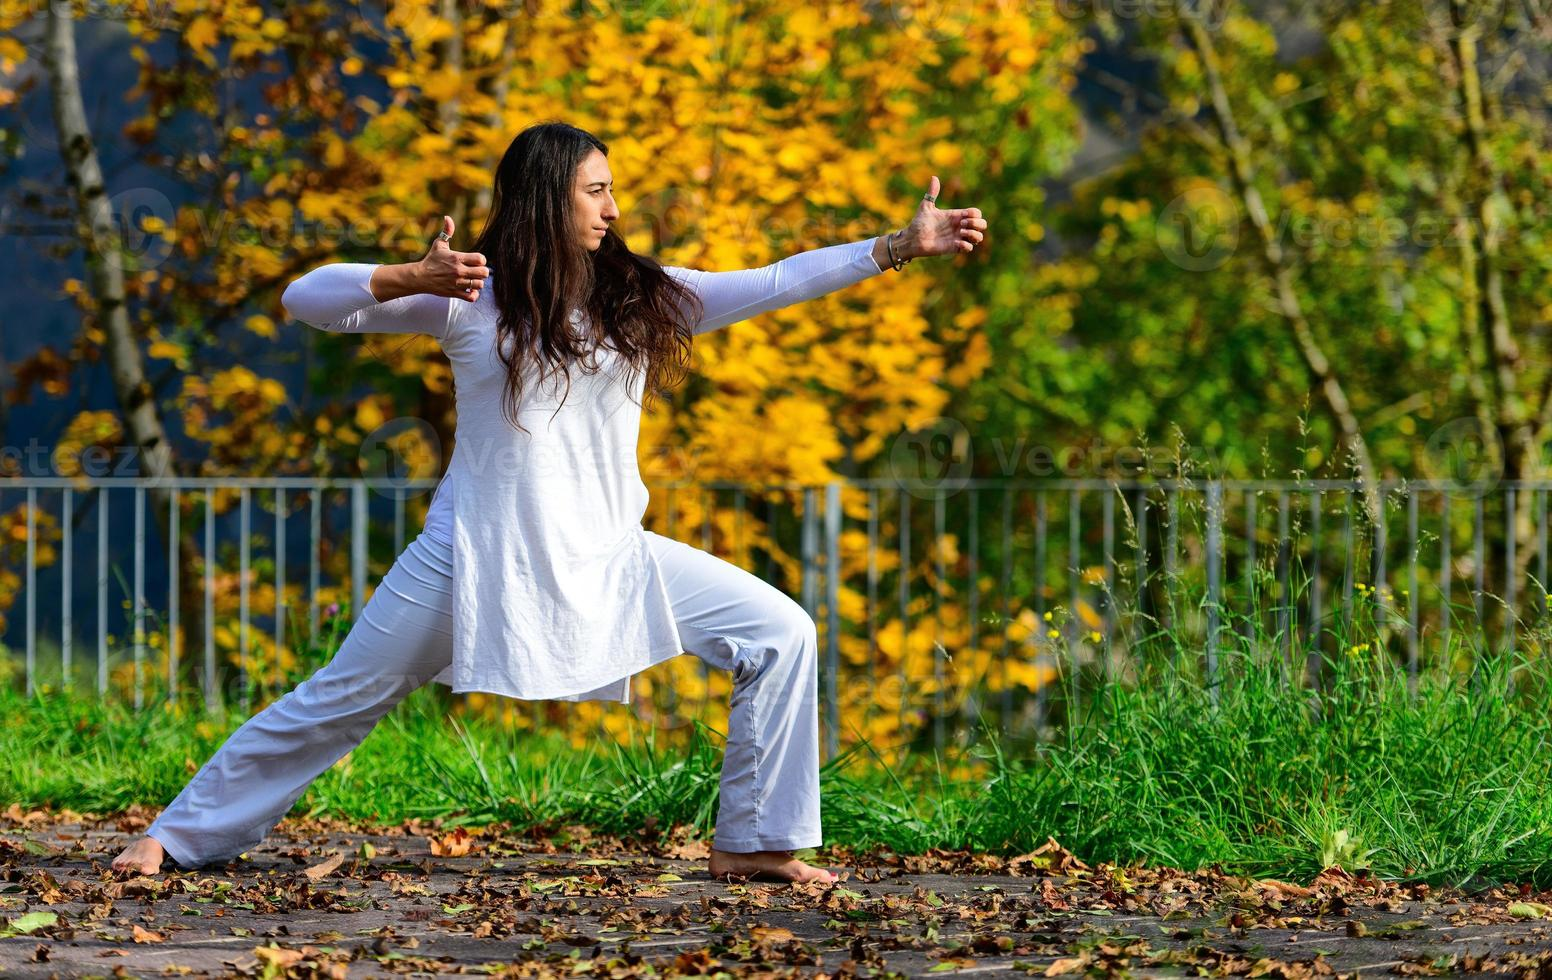 posiciones de brazos y manos de yoga practicadas en el parque foto